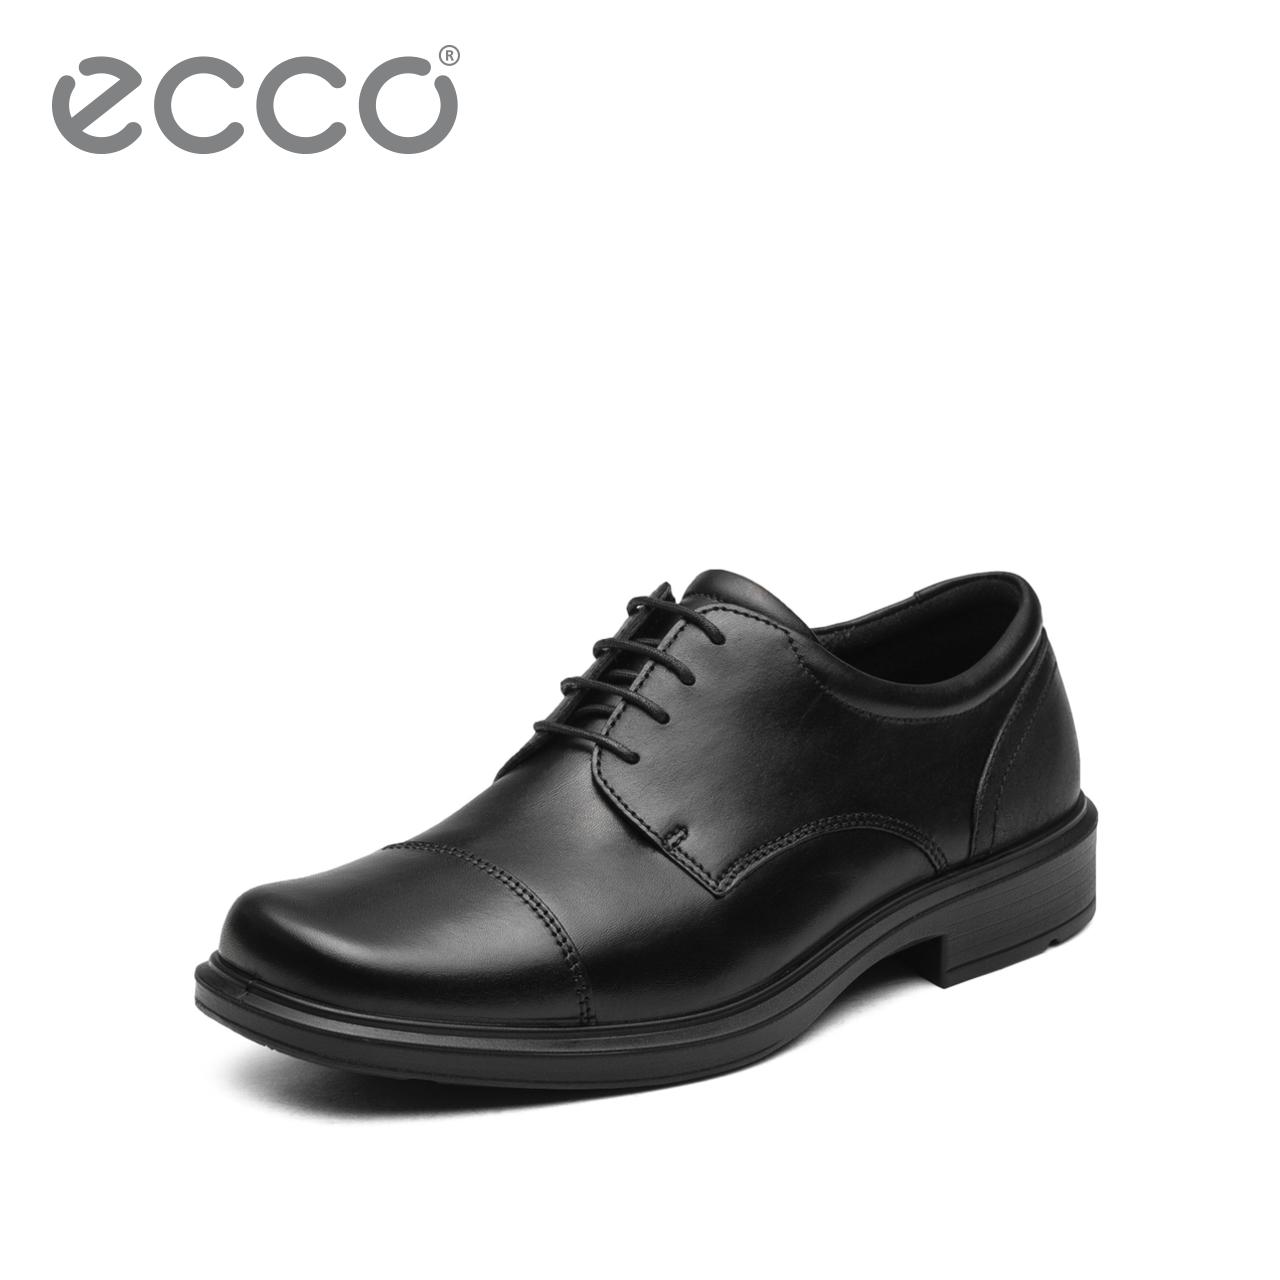 ECCO爱步商务男士正装皮鞋 休闲系带低帮鞋 赫尔辛基600064